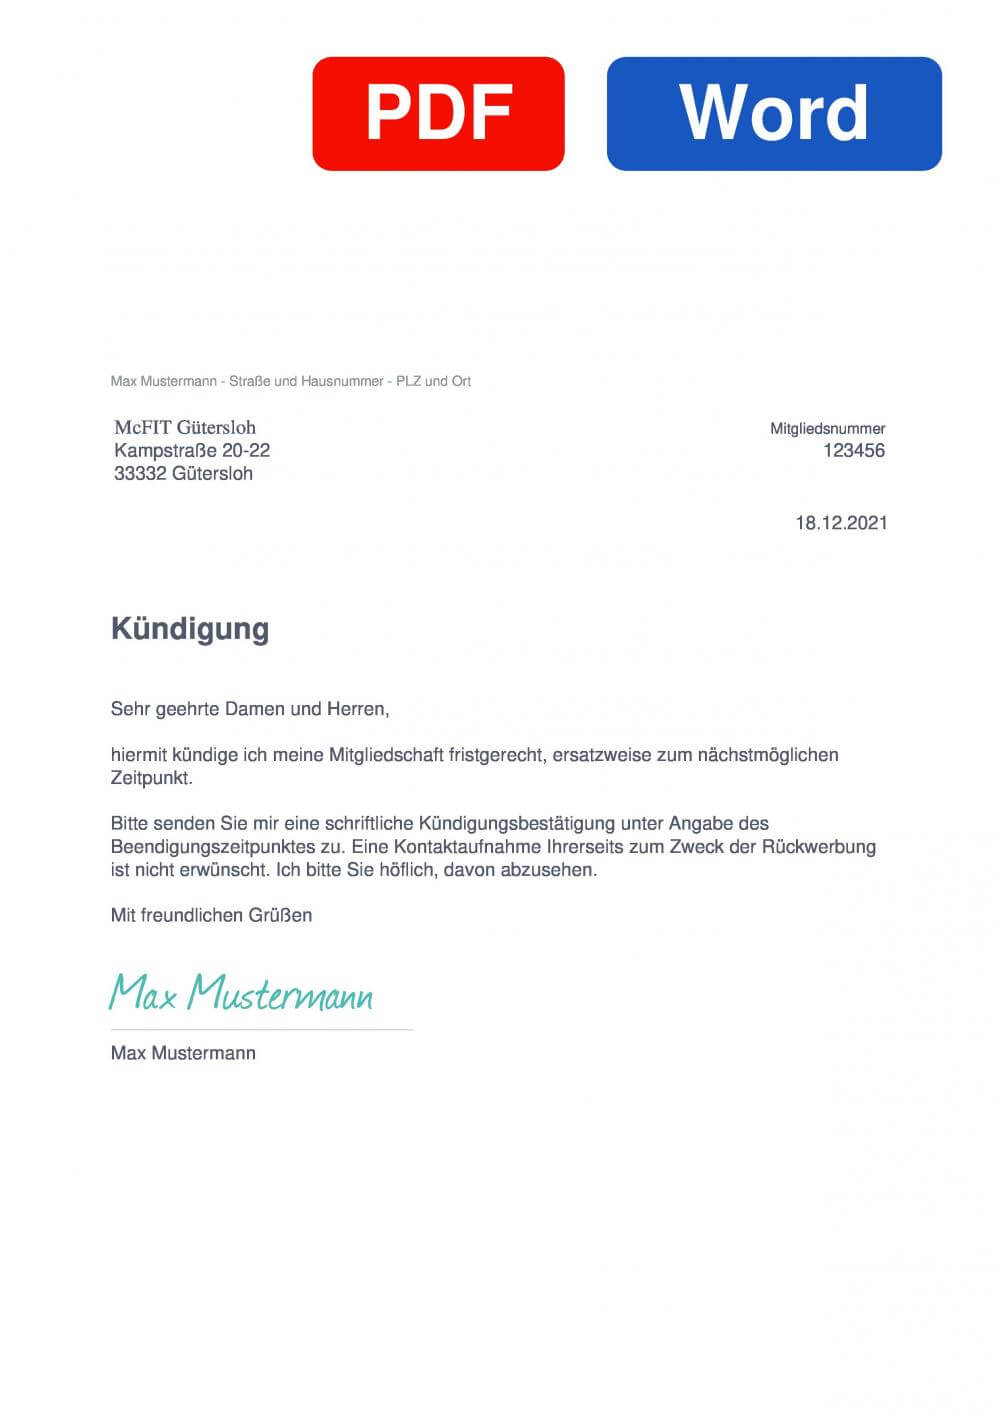 McFIT Gütersloh Muster Vorlage für Kündigungsschreiben